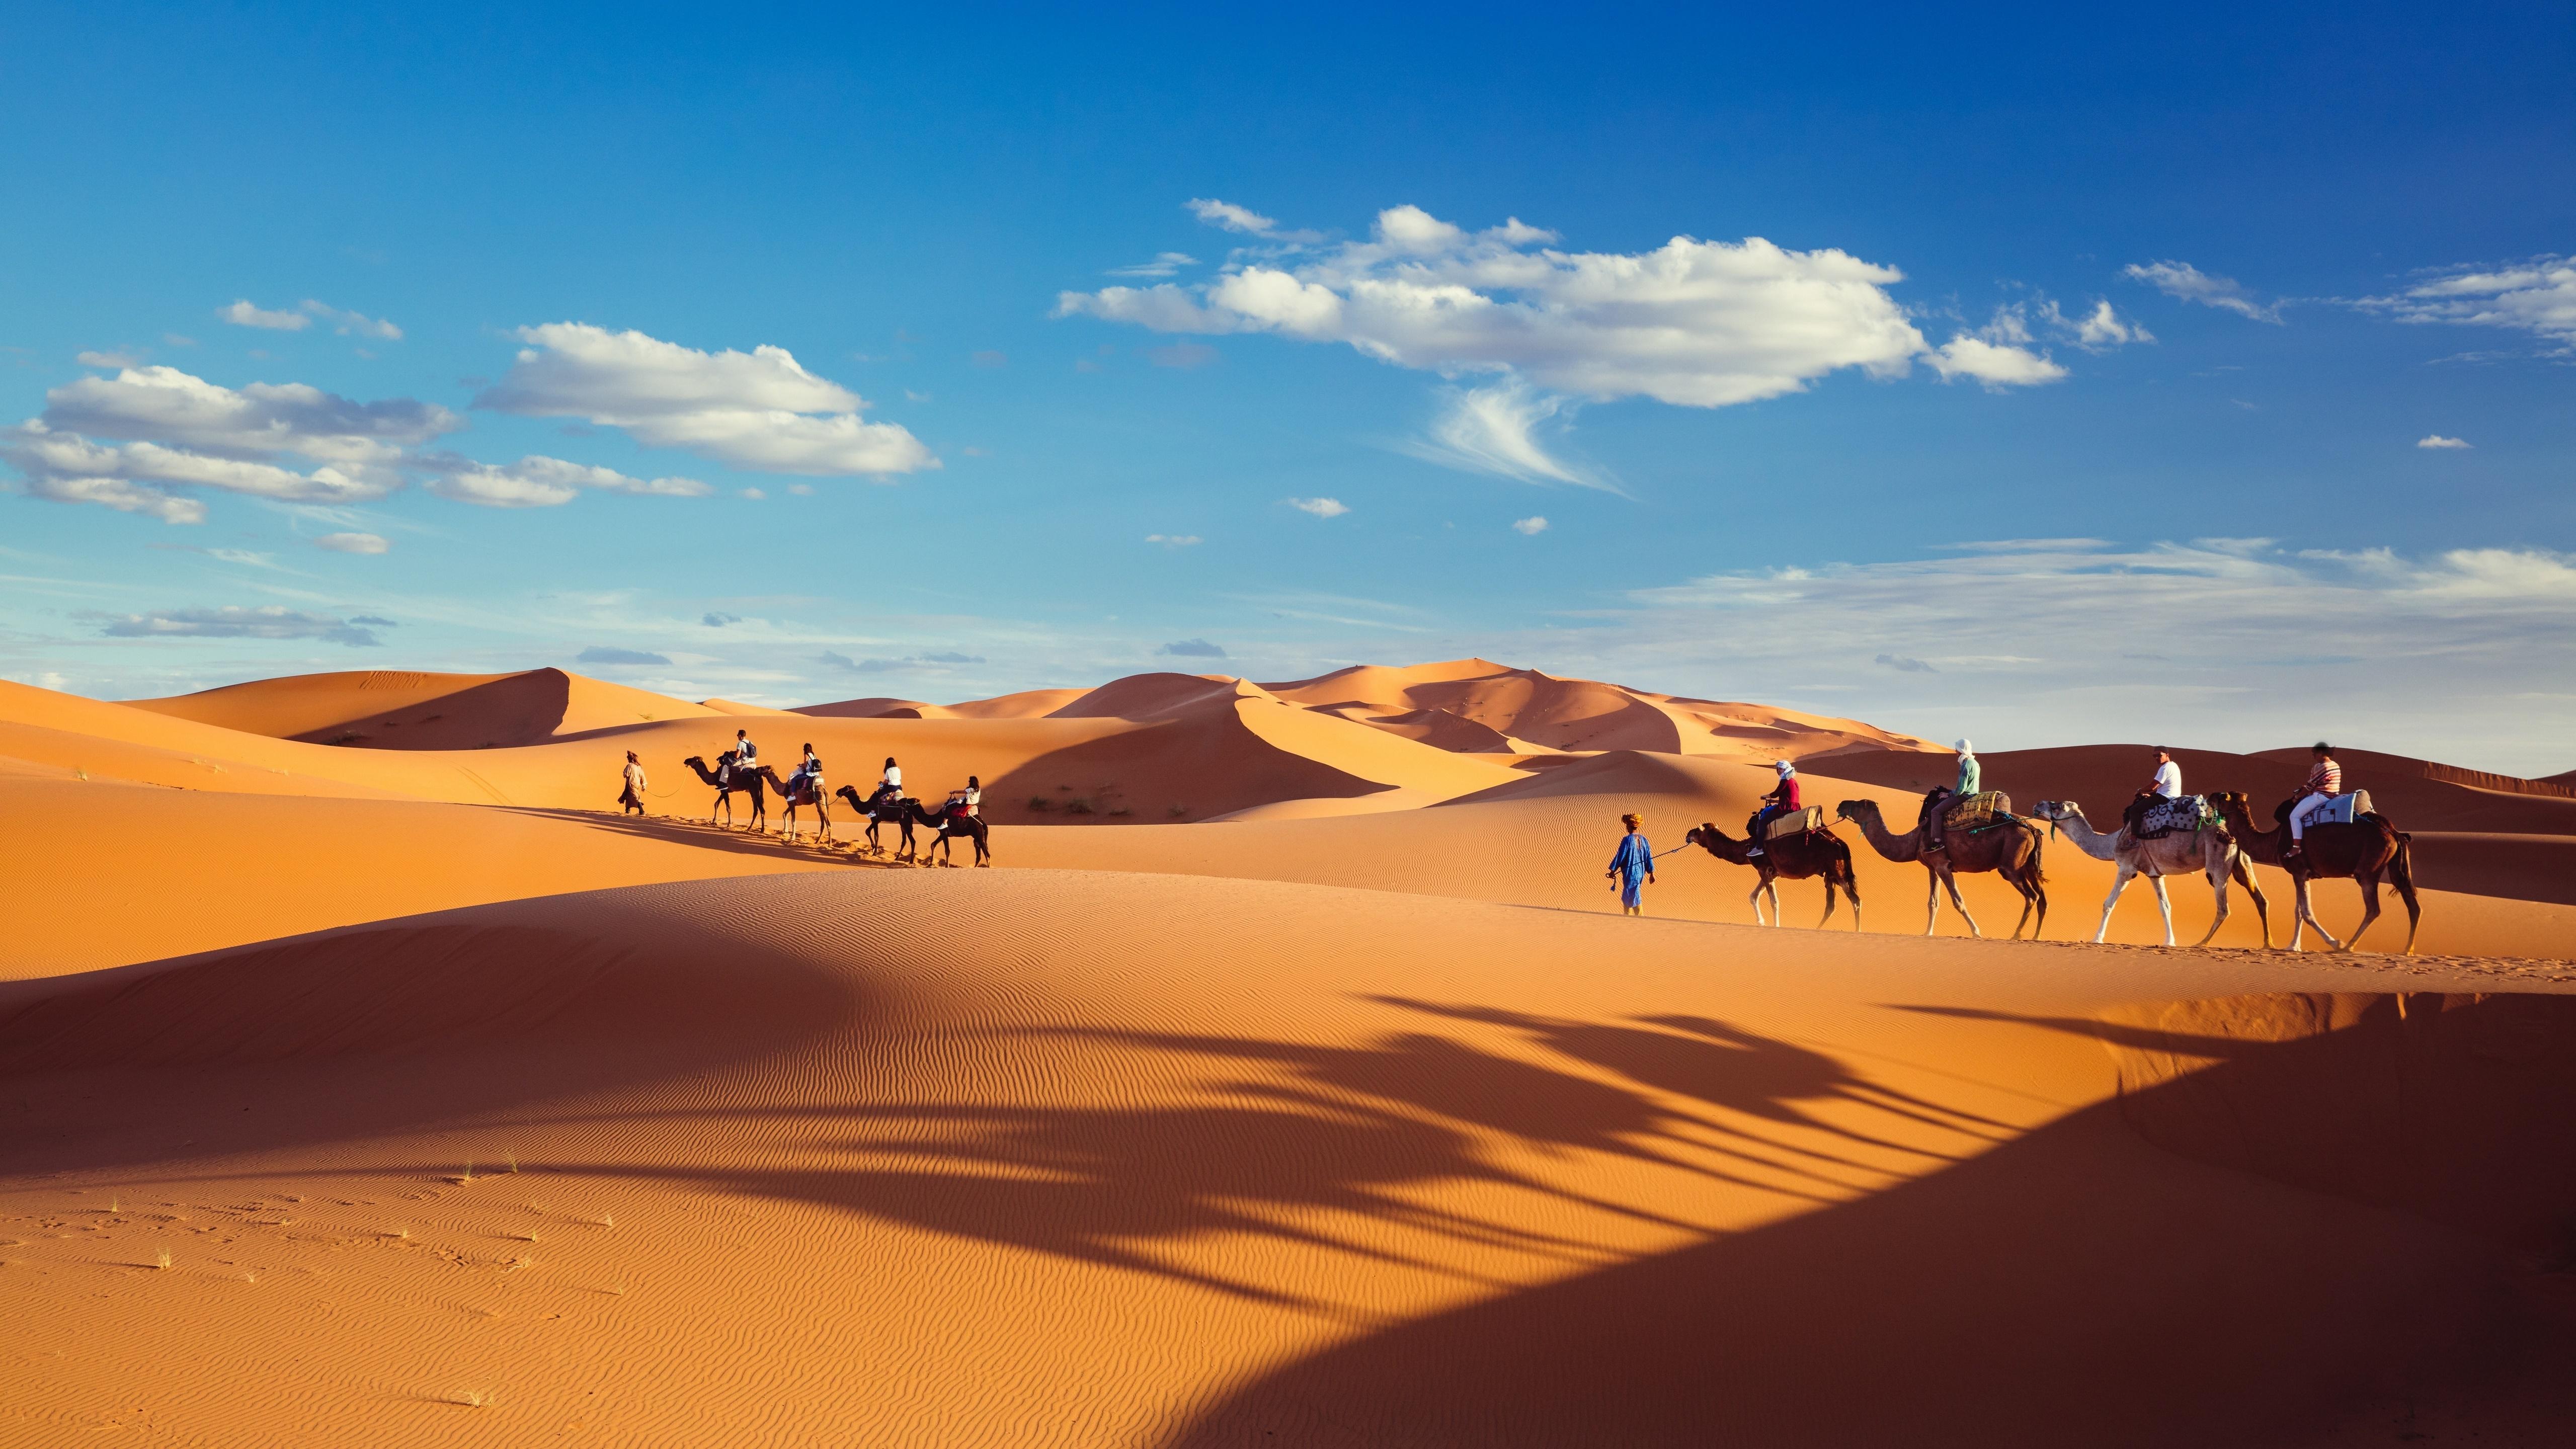 Camel caravan wallpaper